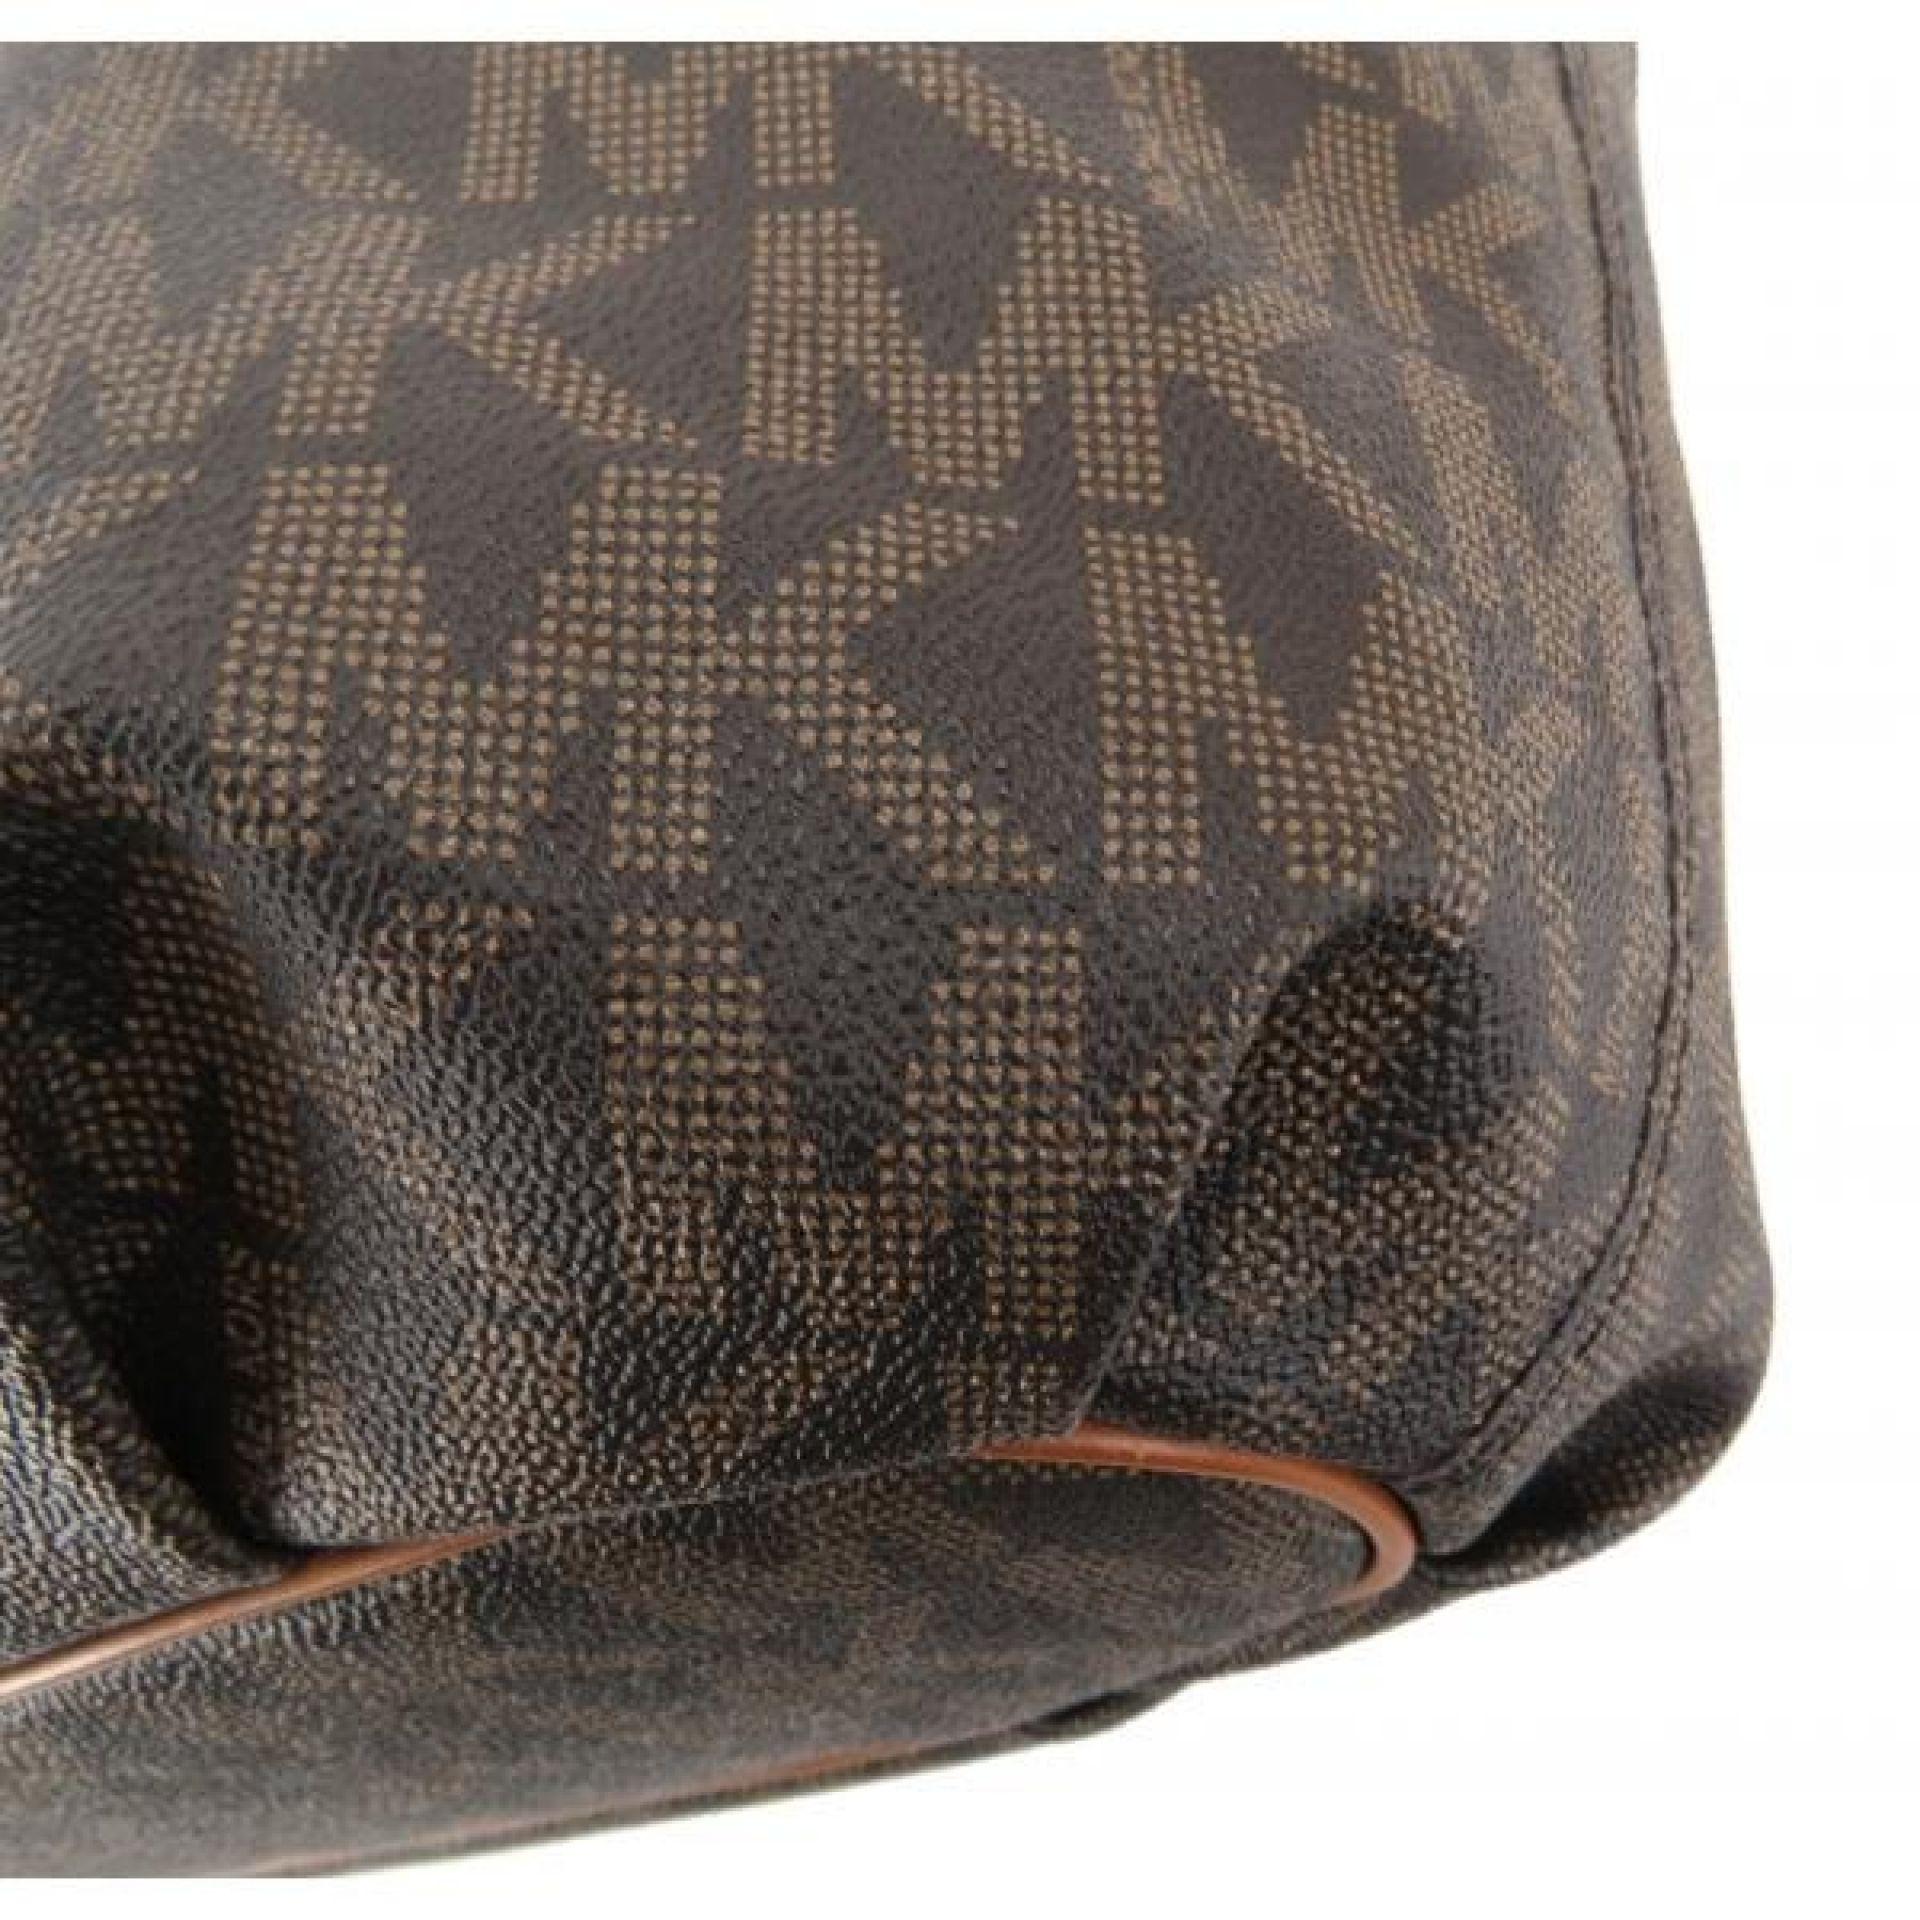 MICHAEL Michael Kors Brown Signature Canvas Ring Tote Bag